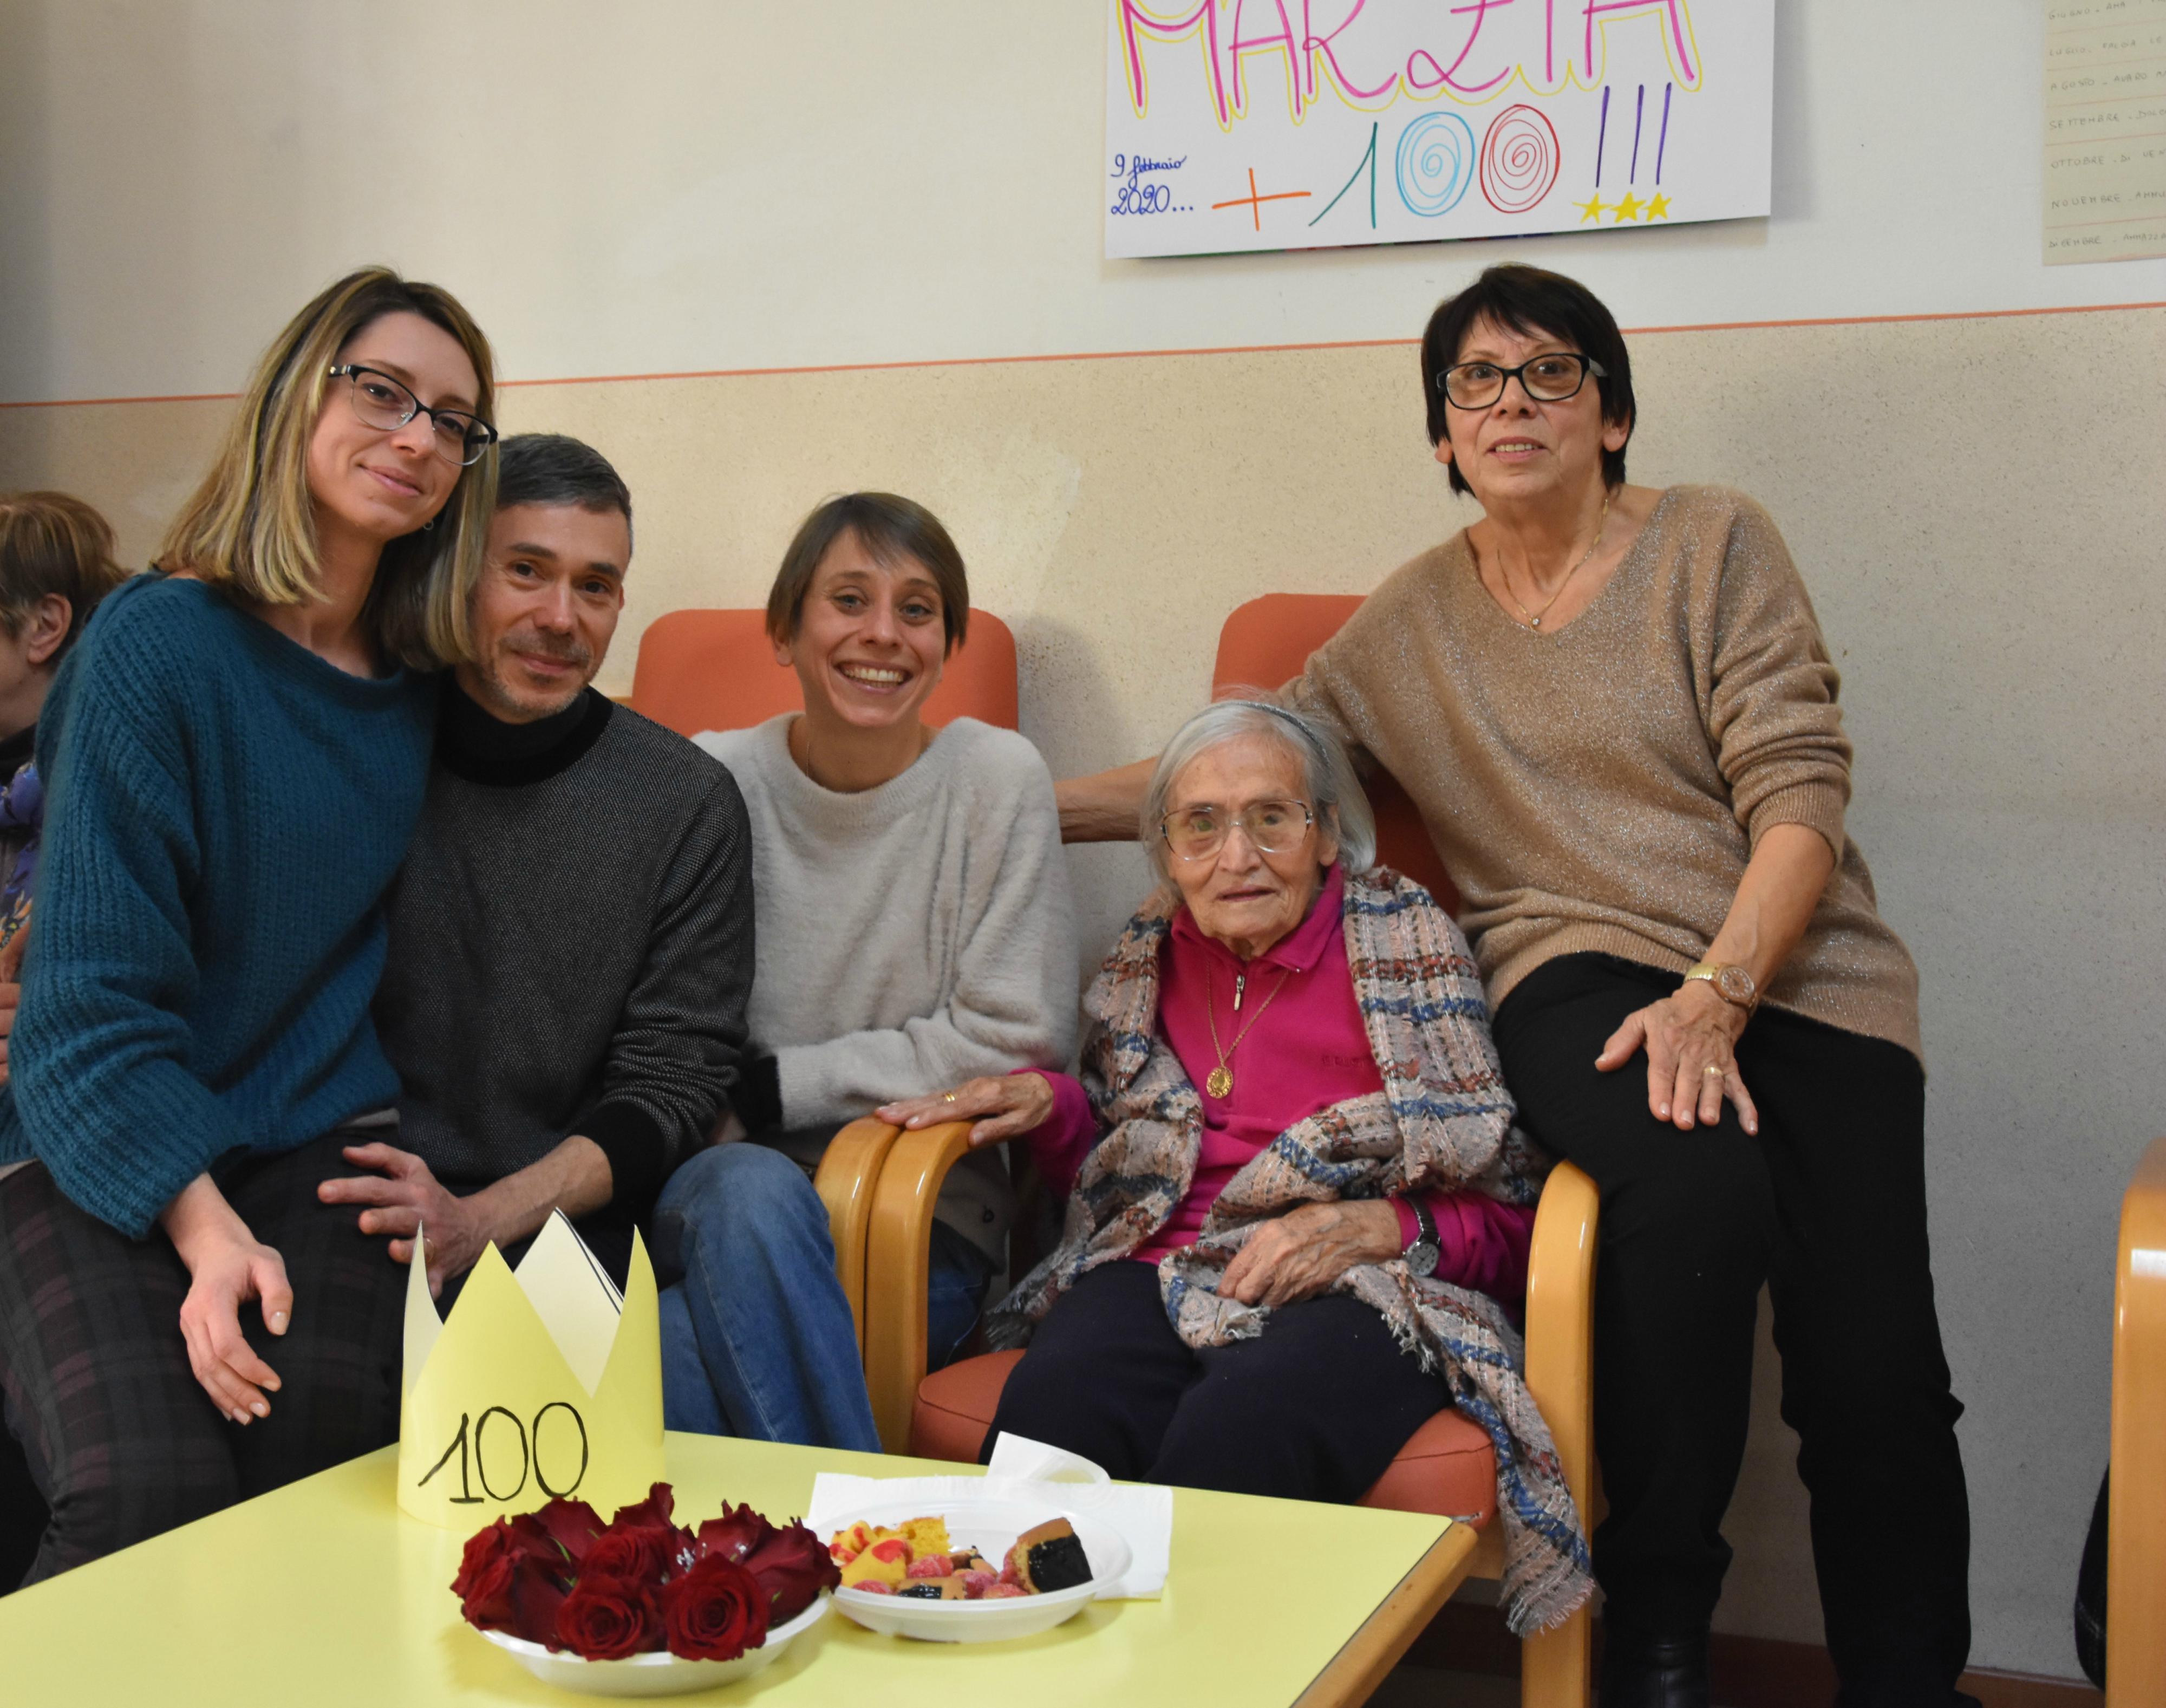 Marzia-Rossi-centenaria